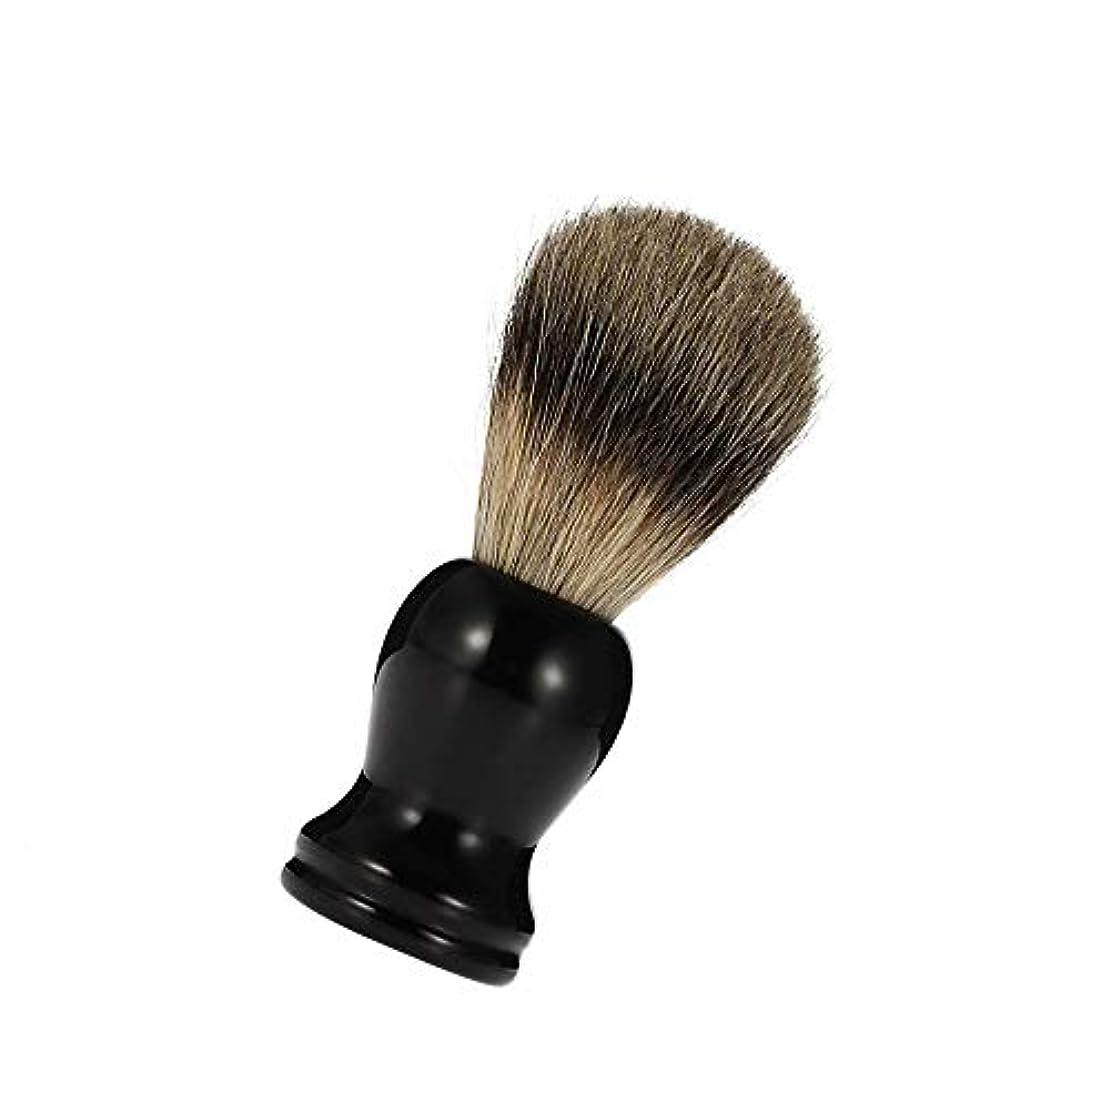 変装モットー感動する1本セット 泡立ち理容 洗顔 髭剃りメンズシェービング用ブラシ